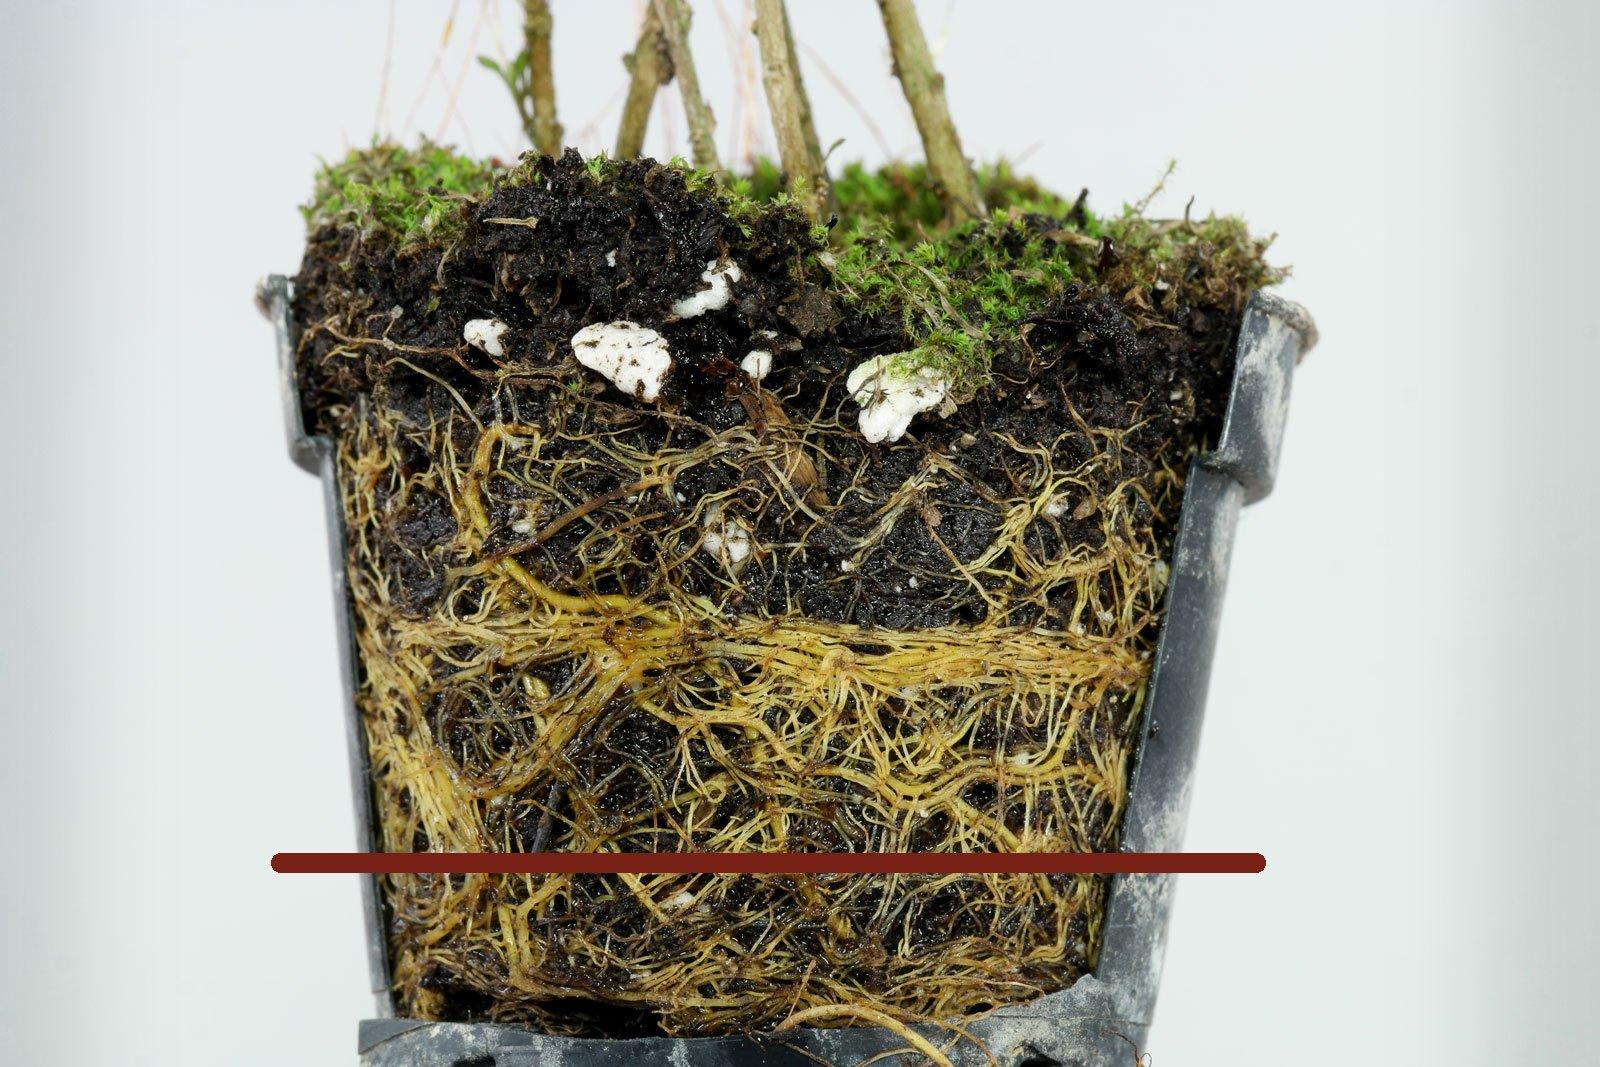 Coprosma virescens gießen